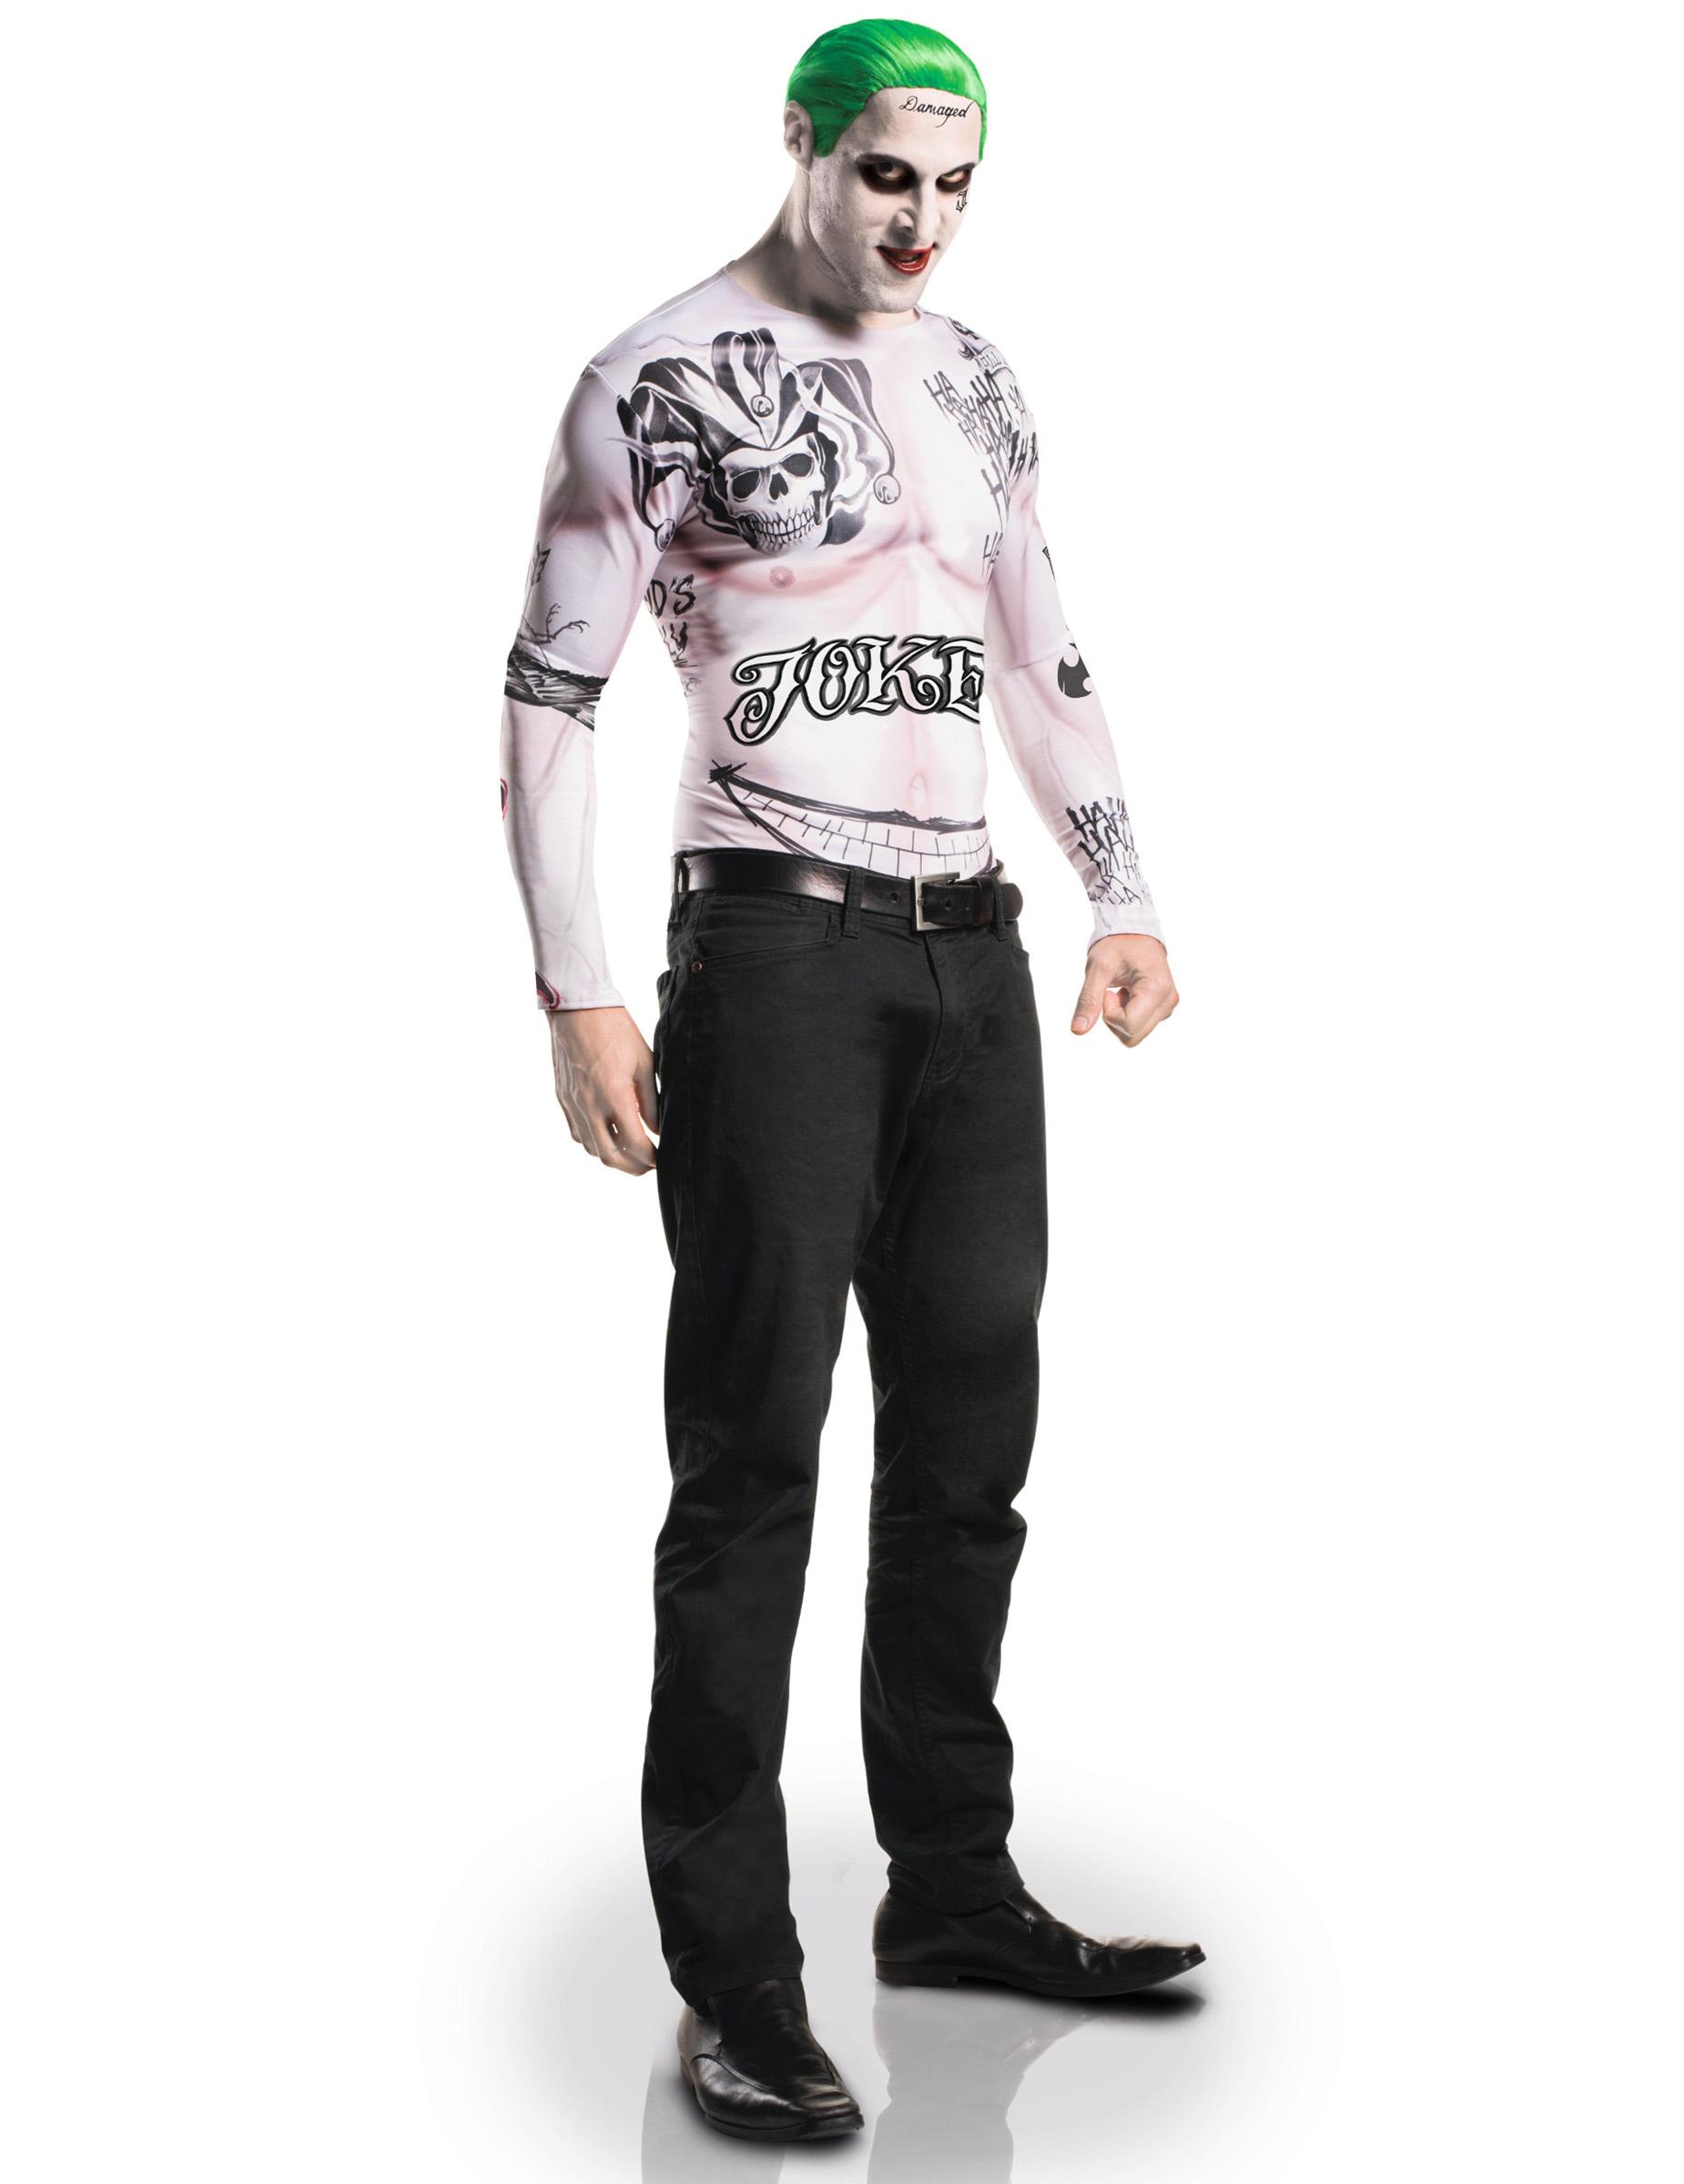 joker kostum suicide squad lizenzkostum hautfarben schwarz grun